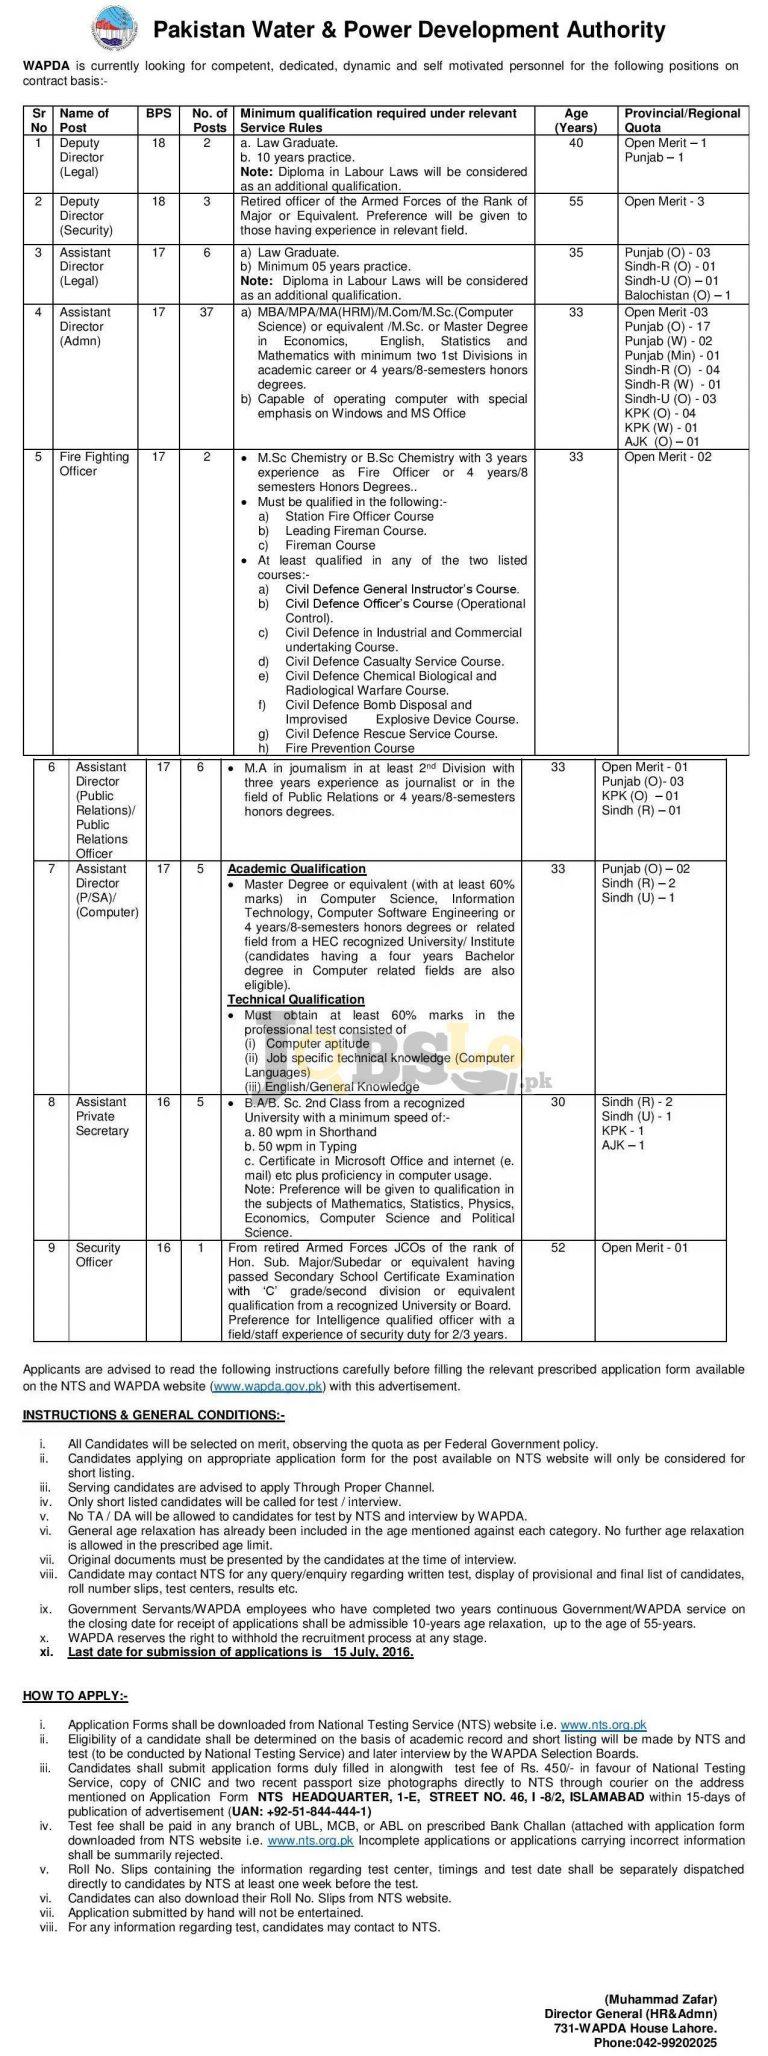 WAPDA Jobs 2016 For Deputy Director Latest NTS Online Application Form www.nts.org.pk